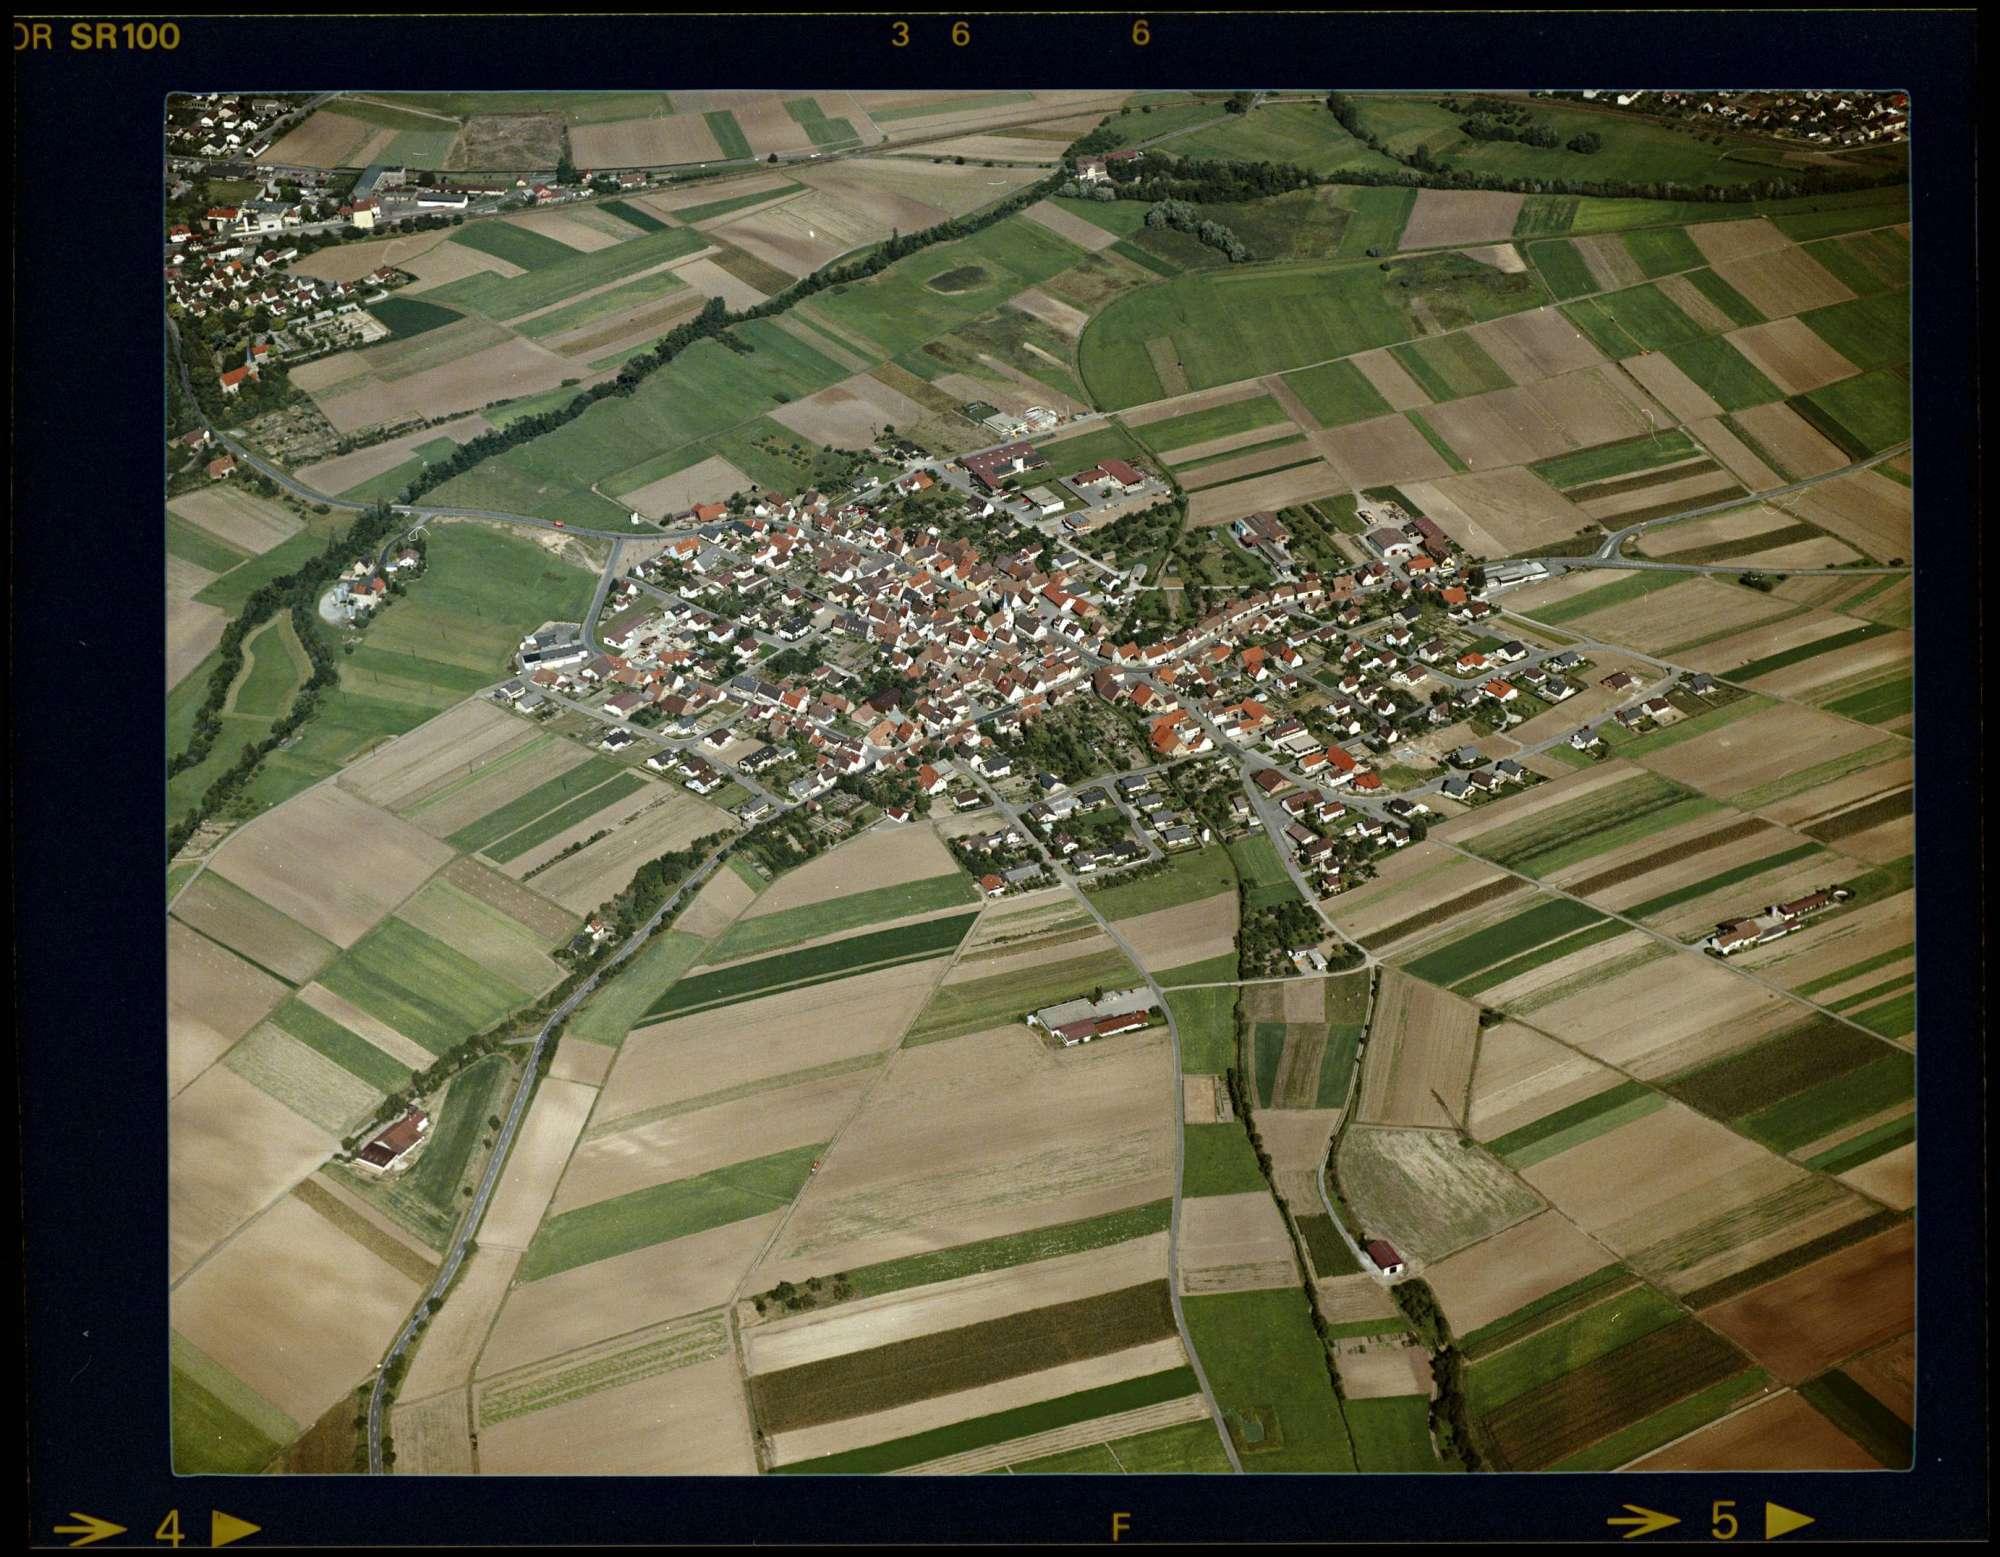 Botenheim, Luftbild, Bild 1